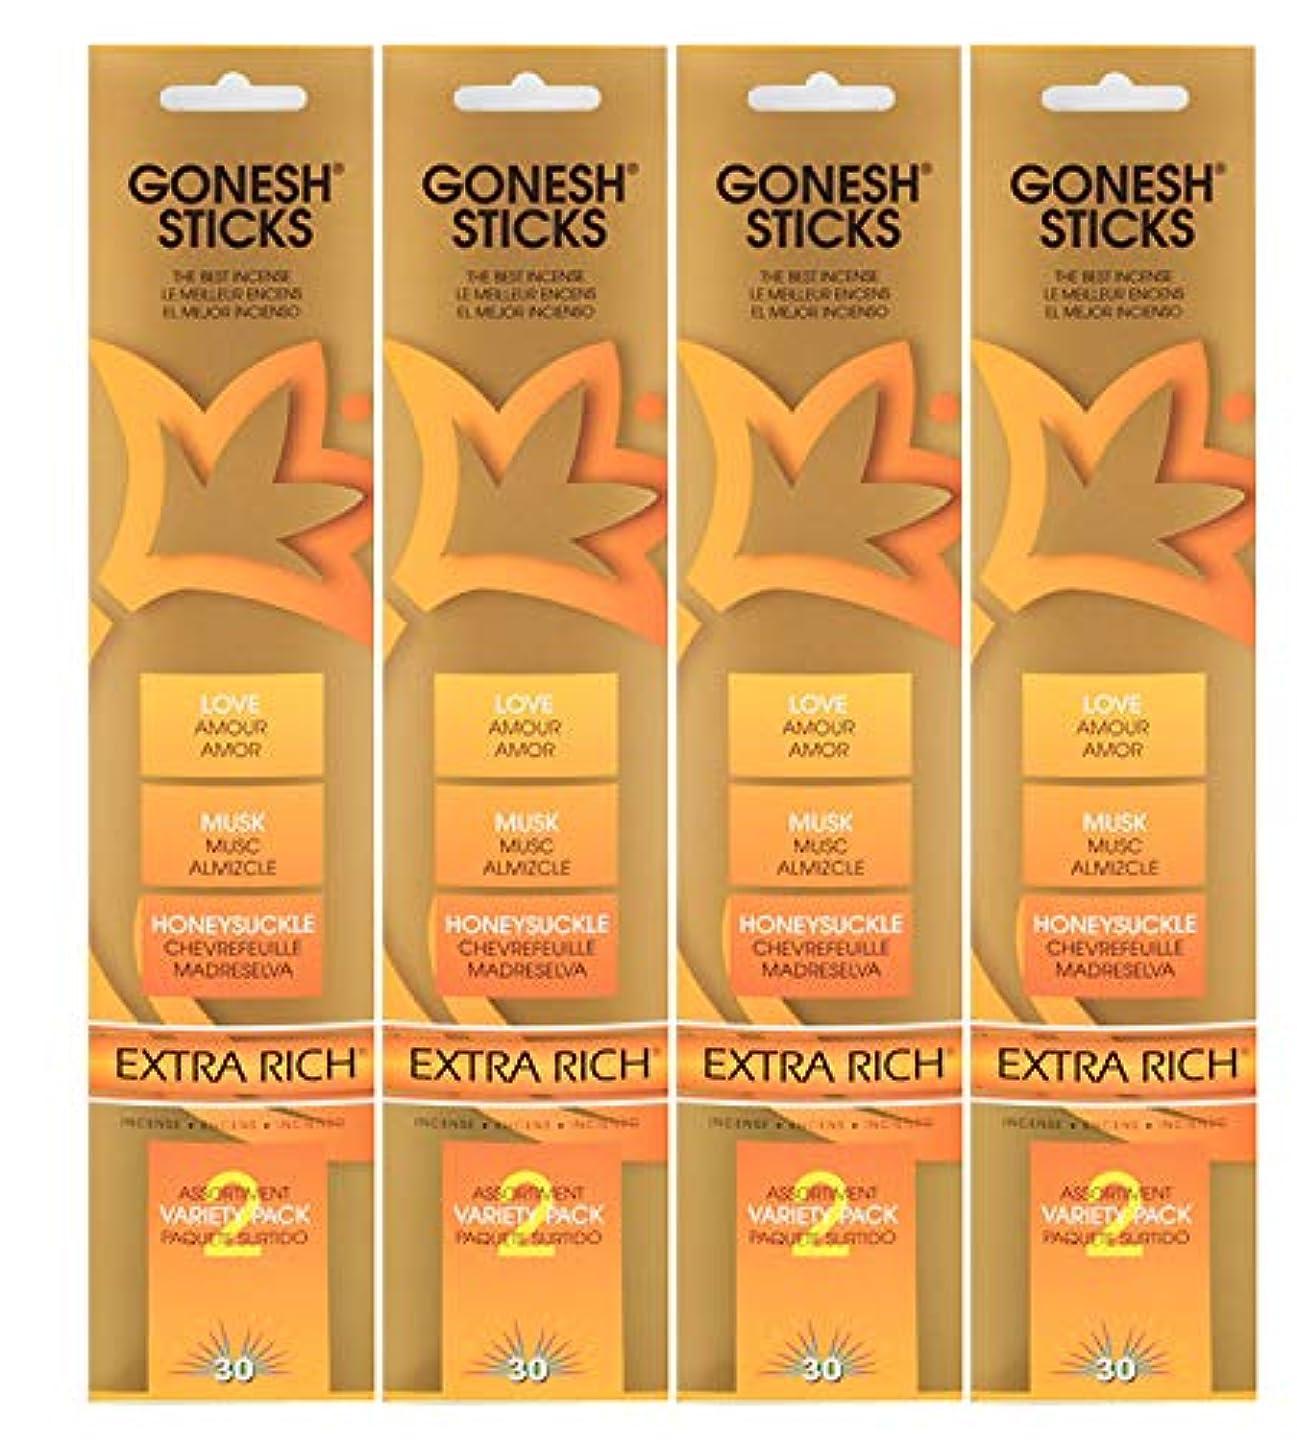 市民権背が高い母性Gonesh Incense Sticks – Extra Rich Variety Pack # 2 (愛、ムスク、スイカズラ) Lot of 4